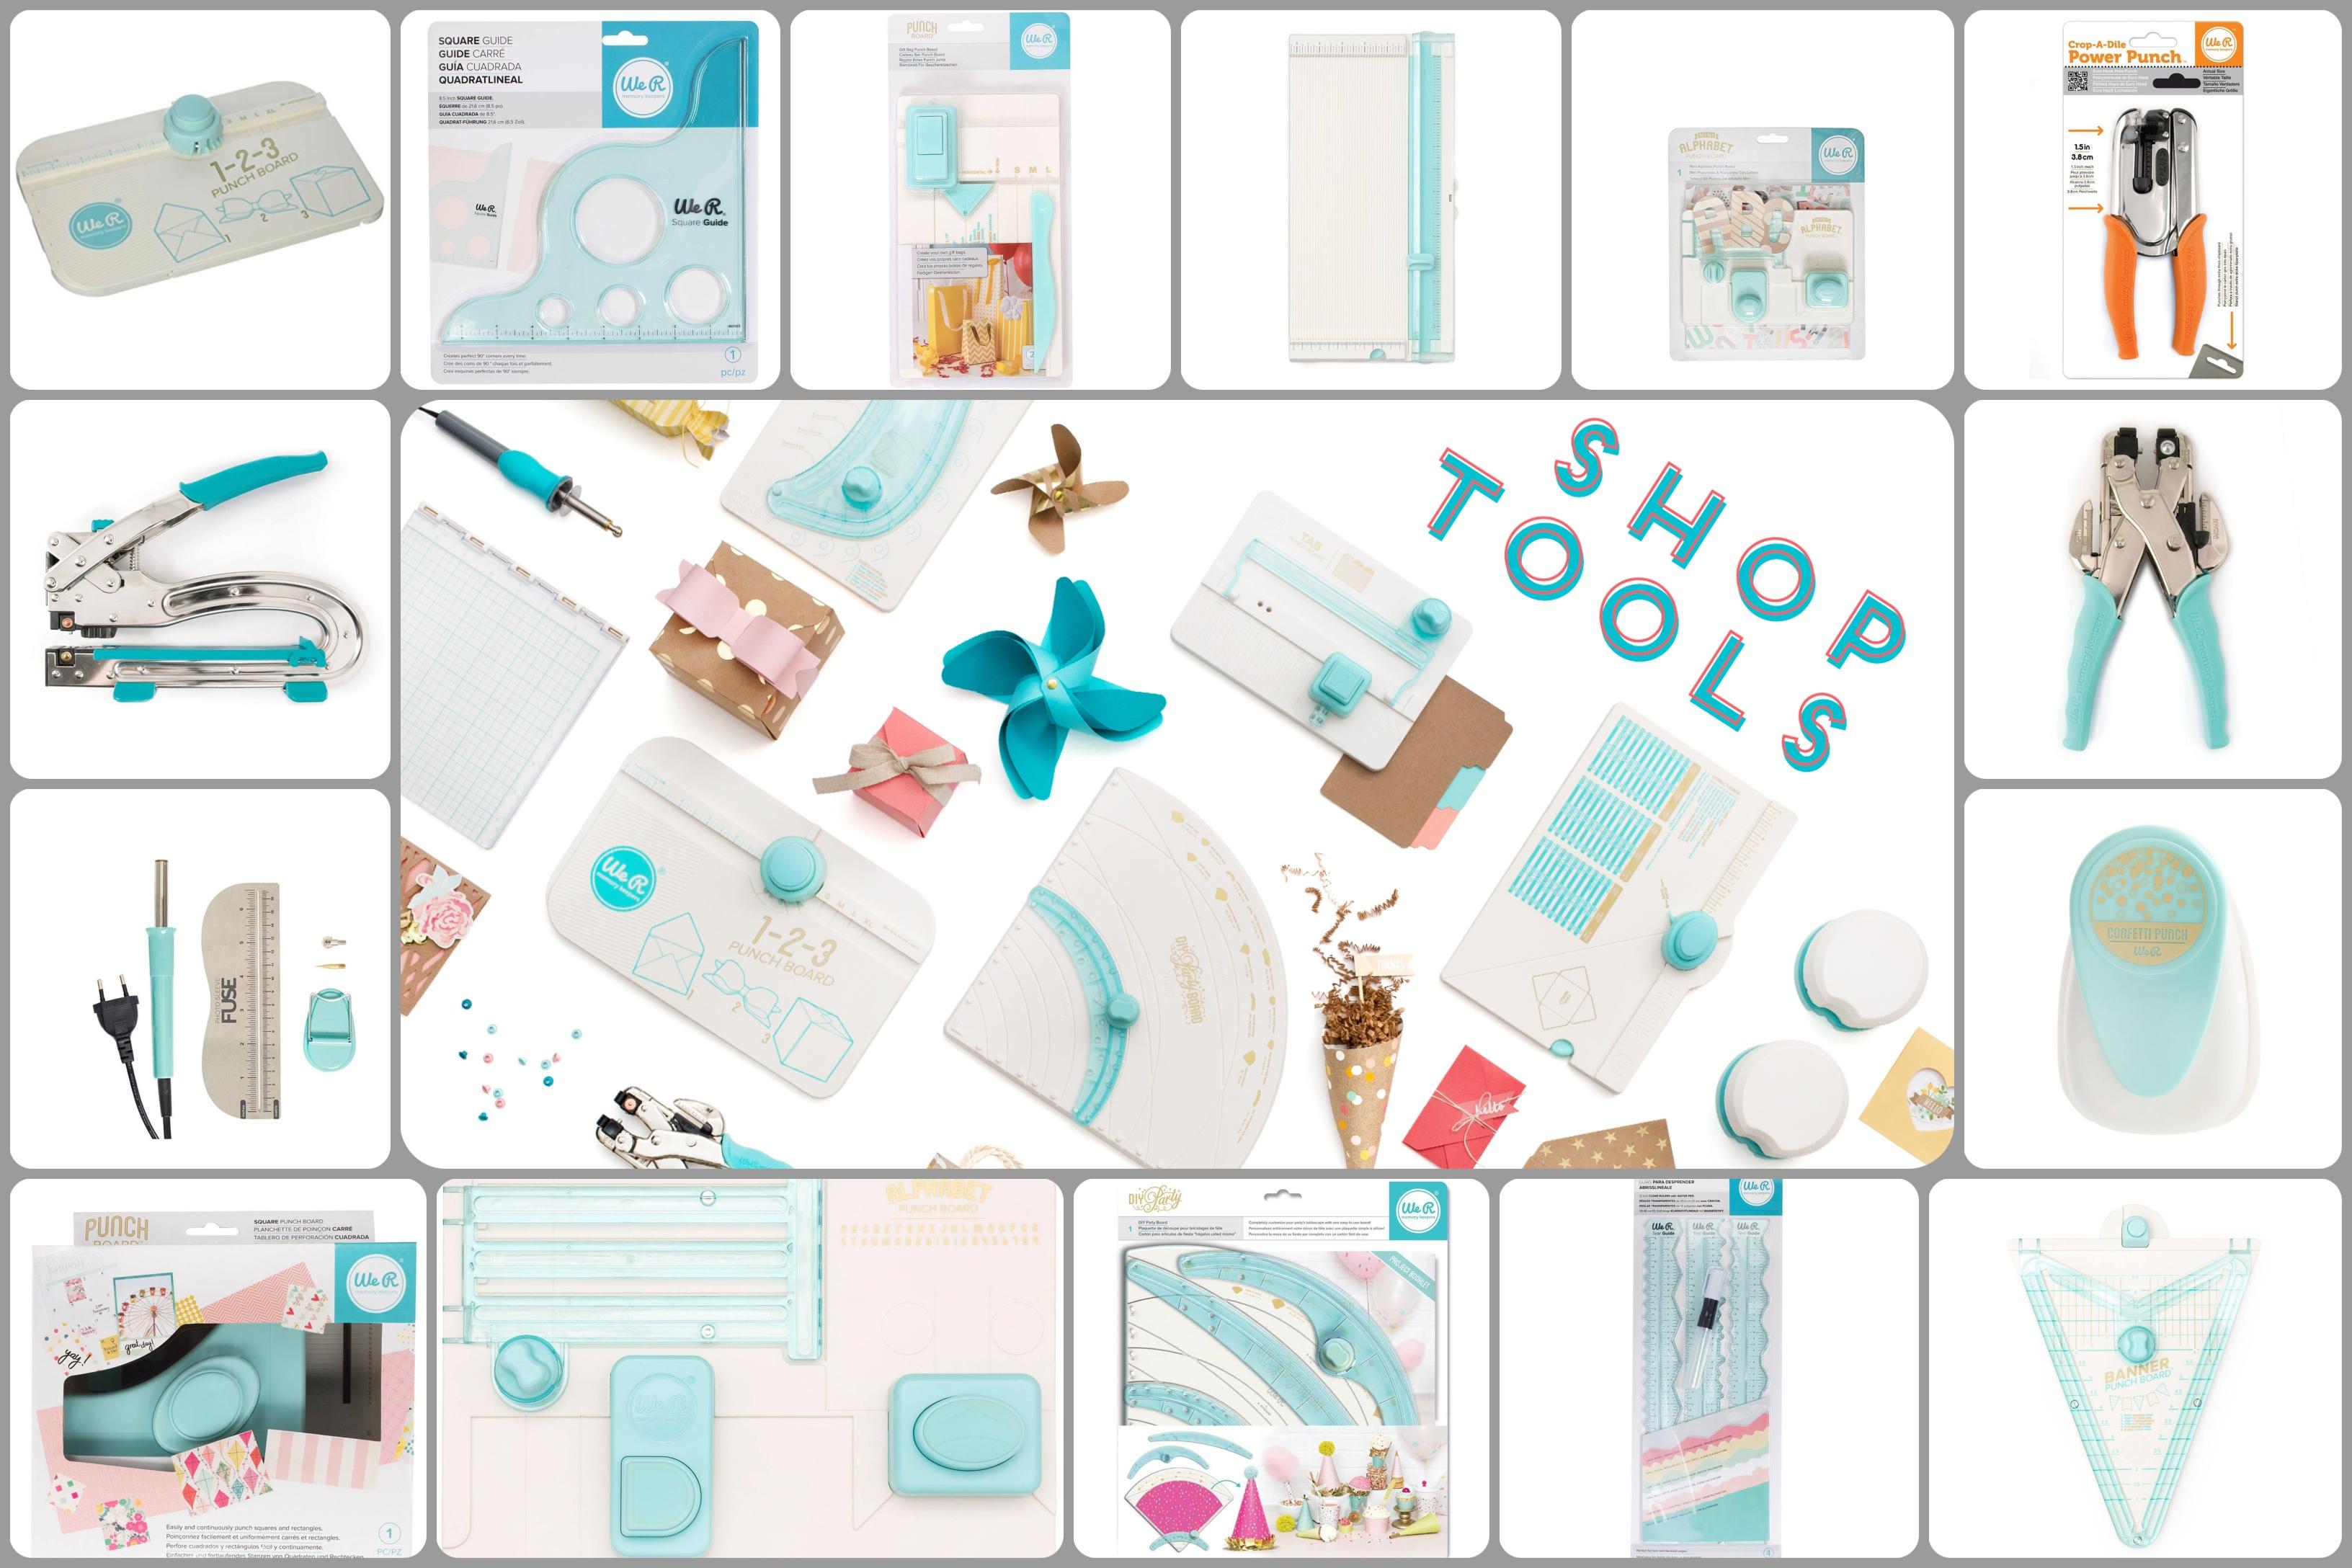 1000 δυο Εργαλεία χειροτεχνίας για Crafters: We R Memory Keepers από την Papercraft!